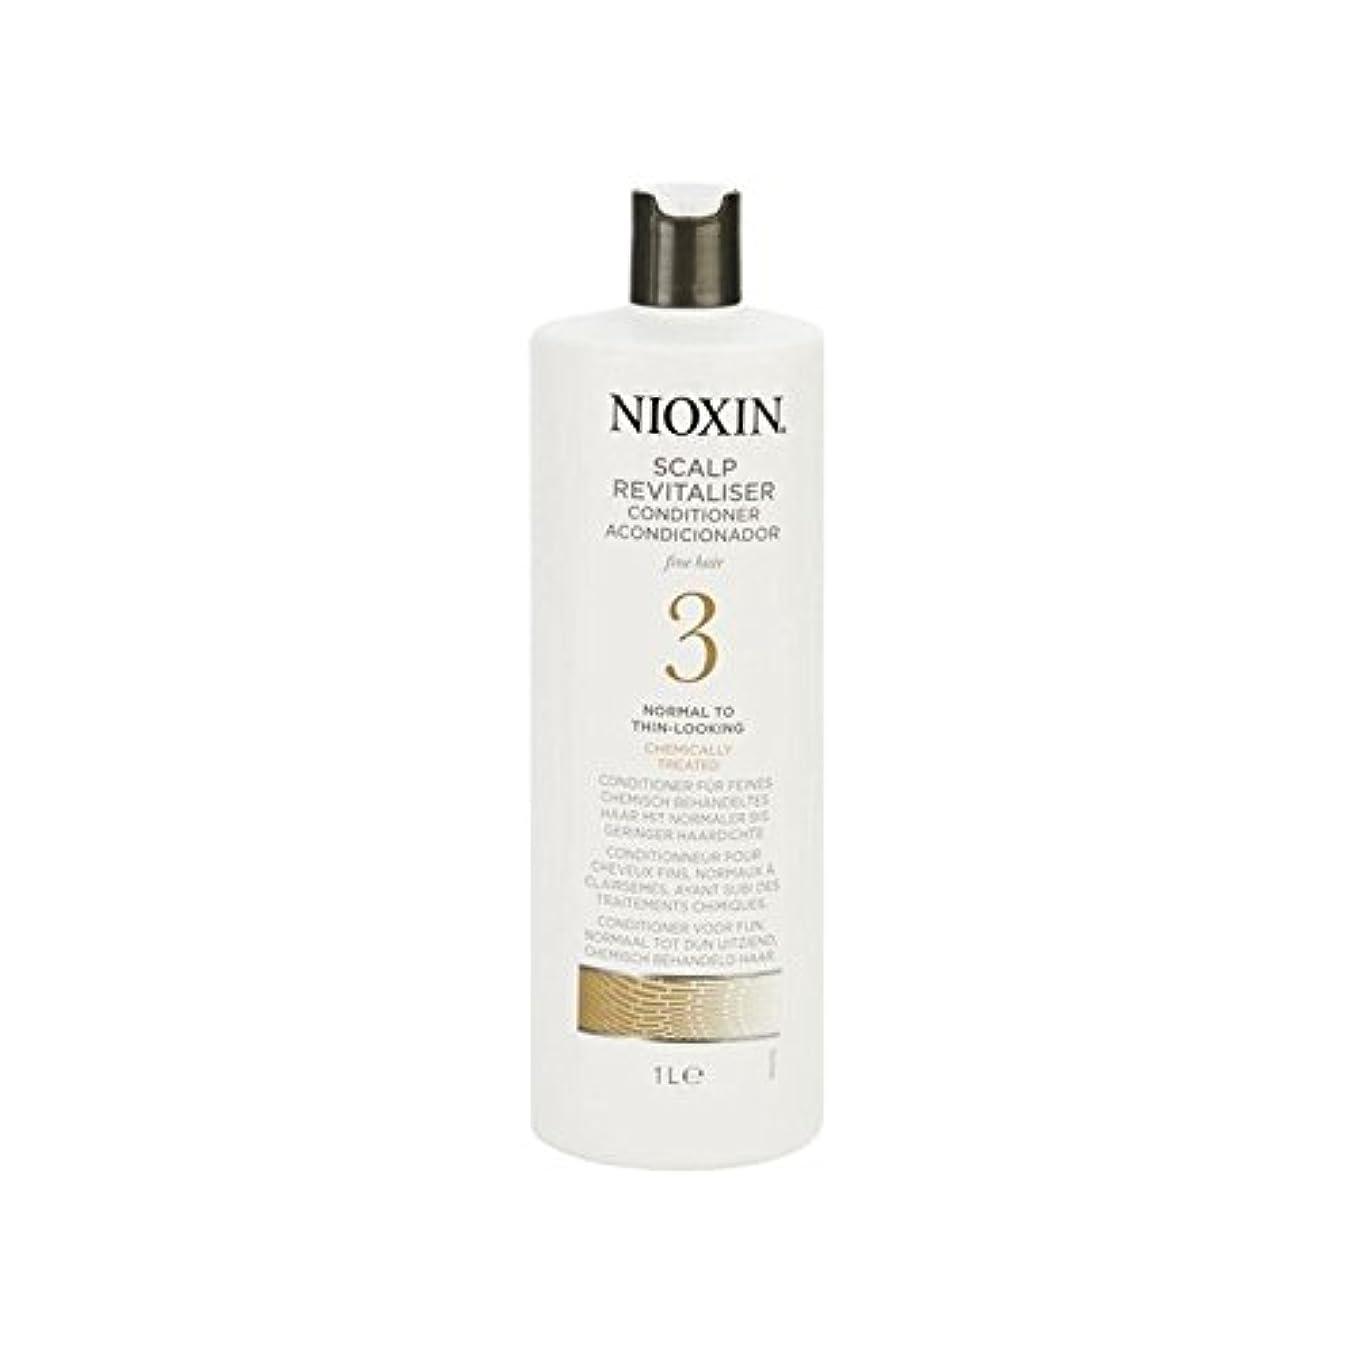 歯車寂しい透明に薄く、化学的に処理された毛髪の千ミリリットルに、通常の罰金ニオキシンシステム3頭皮コンディショナー、 x2 - Nioxin System 3 Scalp Revitaliser Conditioner For Fine, Normal To Thin, Chemically Treated Hair 1000ml (Pack of 2) [並行輸入品]